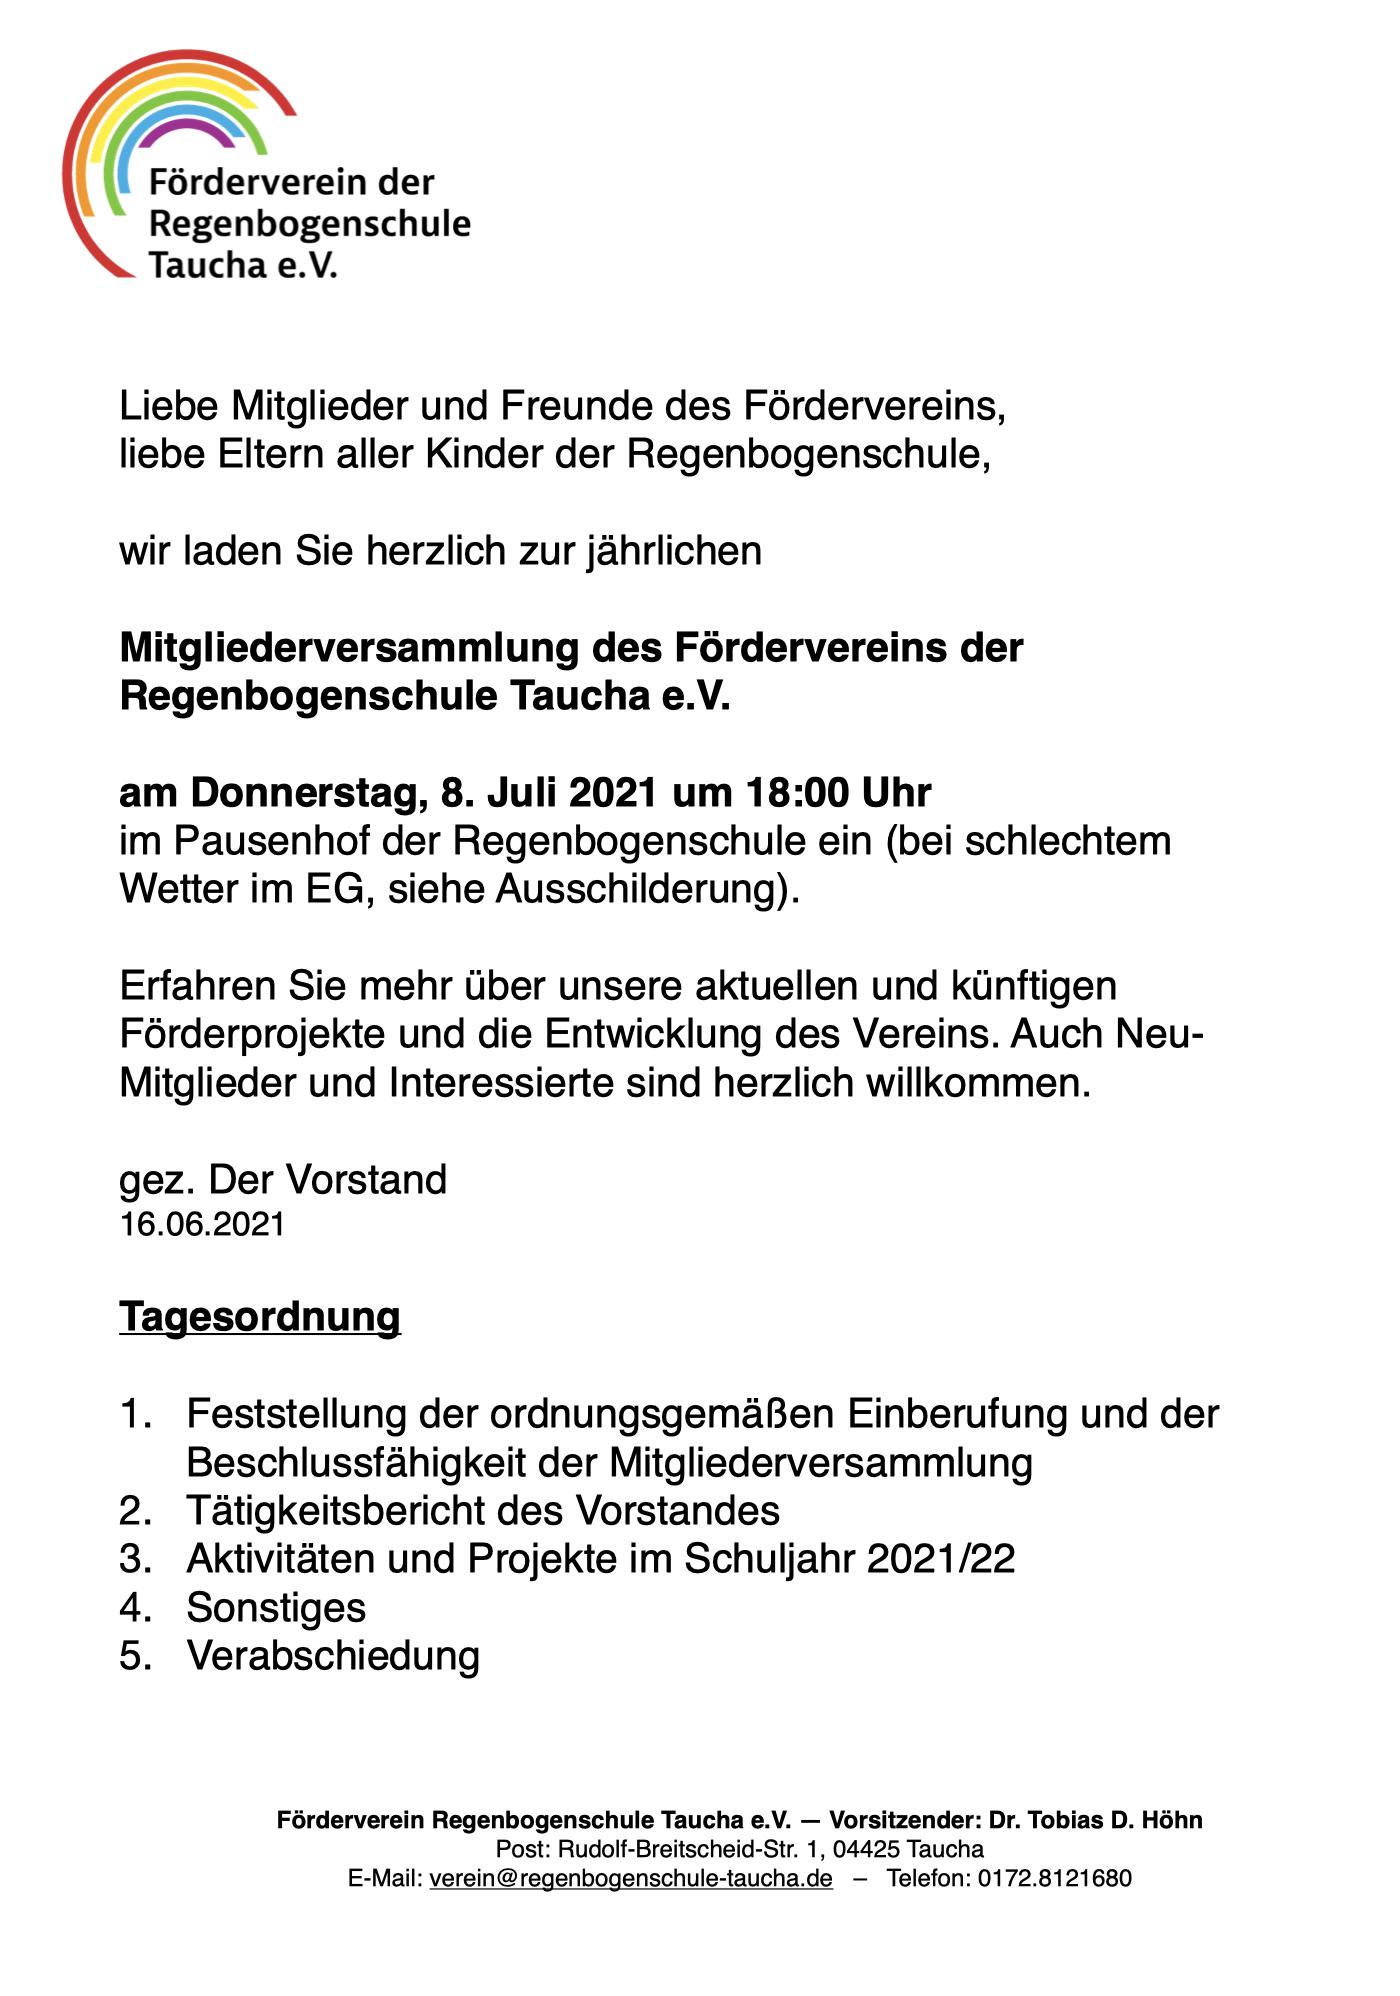 Regenbogenschule, Verein, Förderverein, Mitgliederversammlung